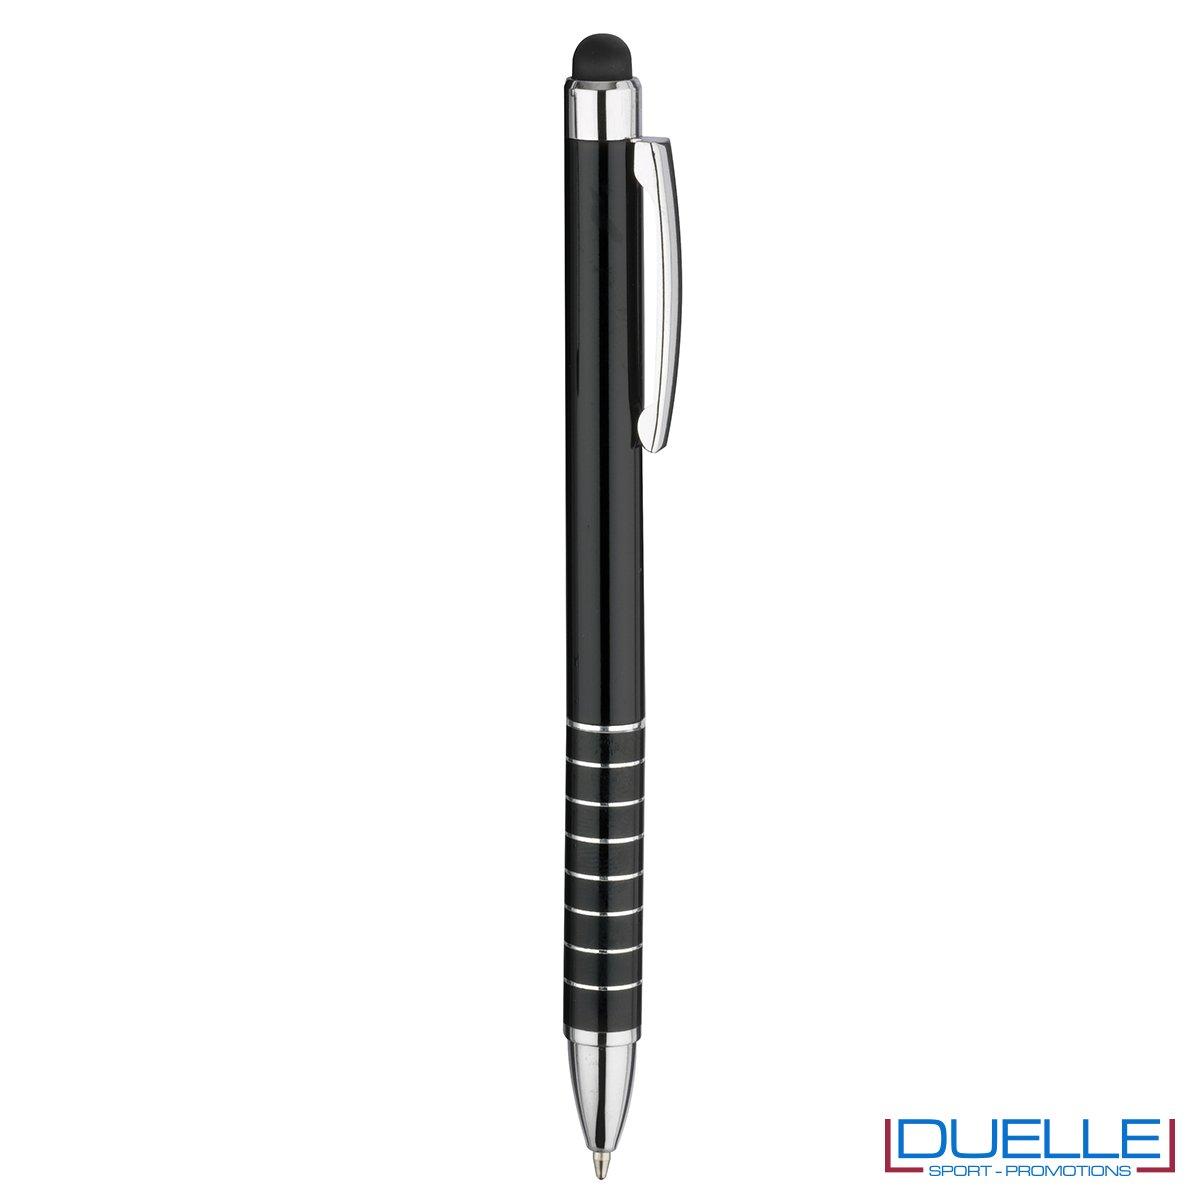 penna touch screen personalizzata in alluminio laccato nero, gadget aziendali personalizzati